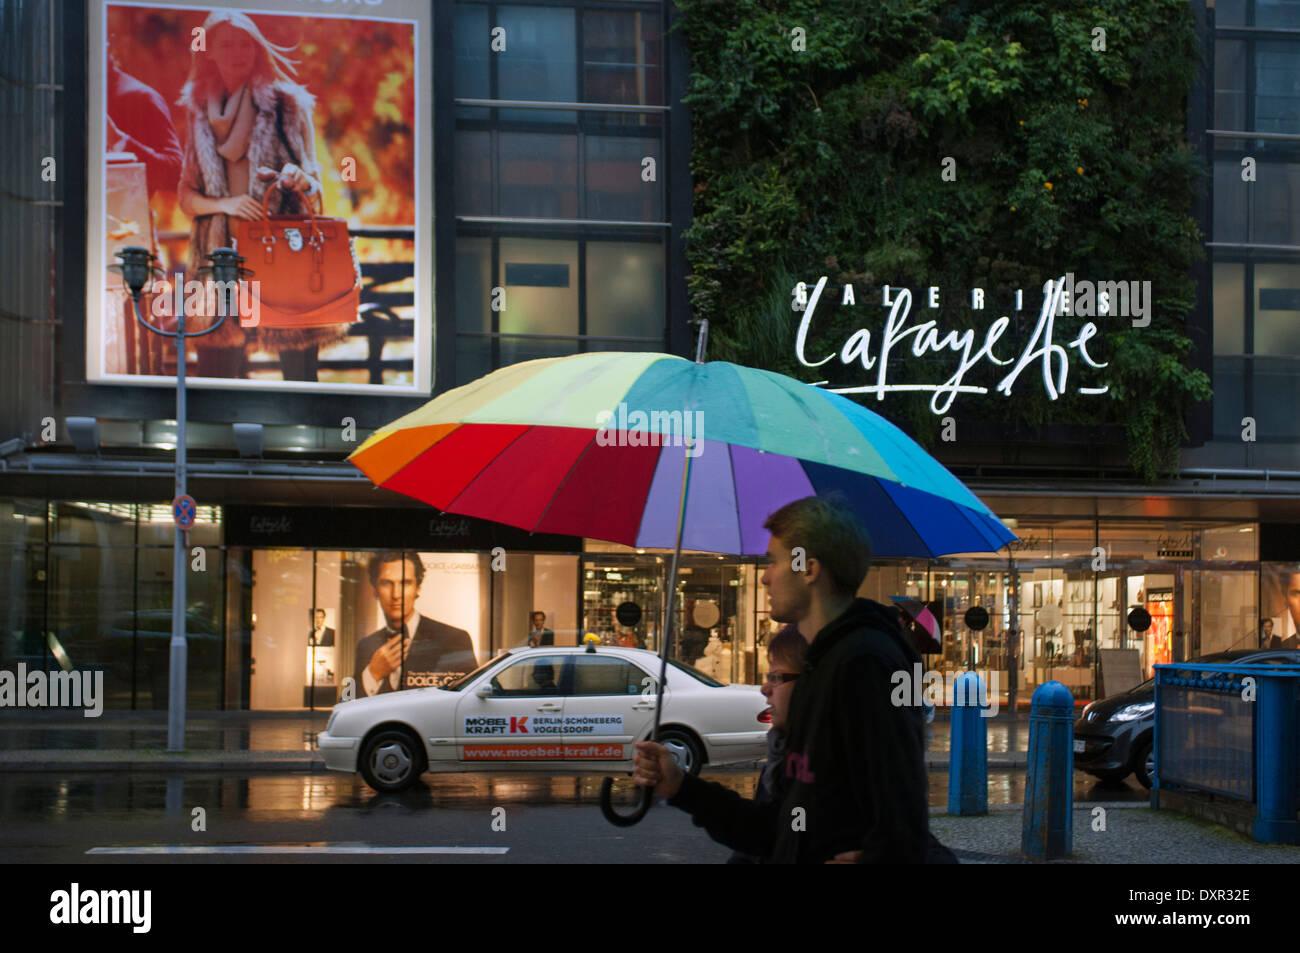 Galerie Lafayette In Berlin. Die Galeries Lafayette (französische  Aussprache: [ɡalʁi Lafajɛt]) Ist Eine Gehobene Französische Abteilung